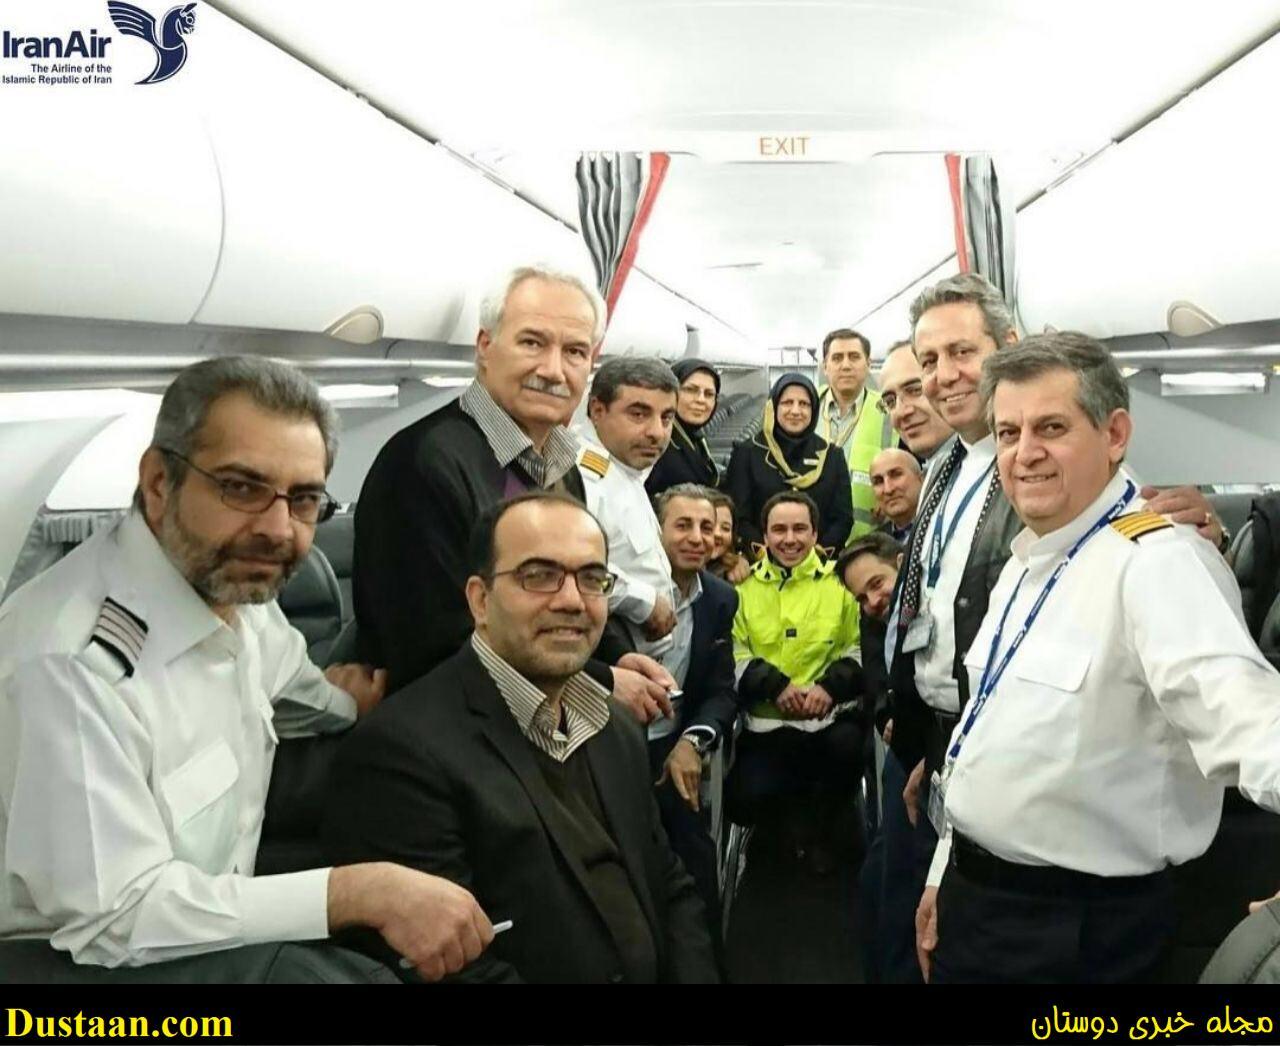 تصویری ببینید از خلبانان و مهمانداران جدیدترین ایرباس ایران